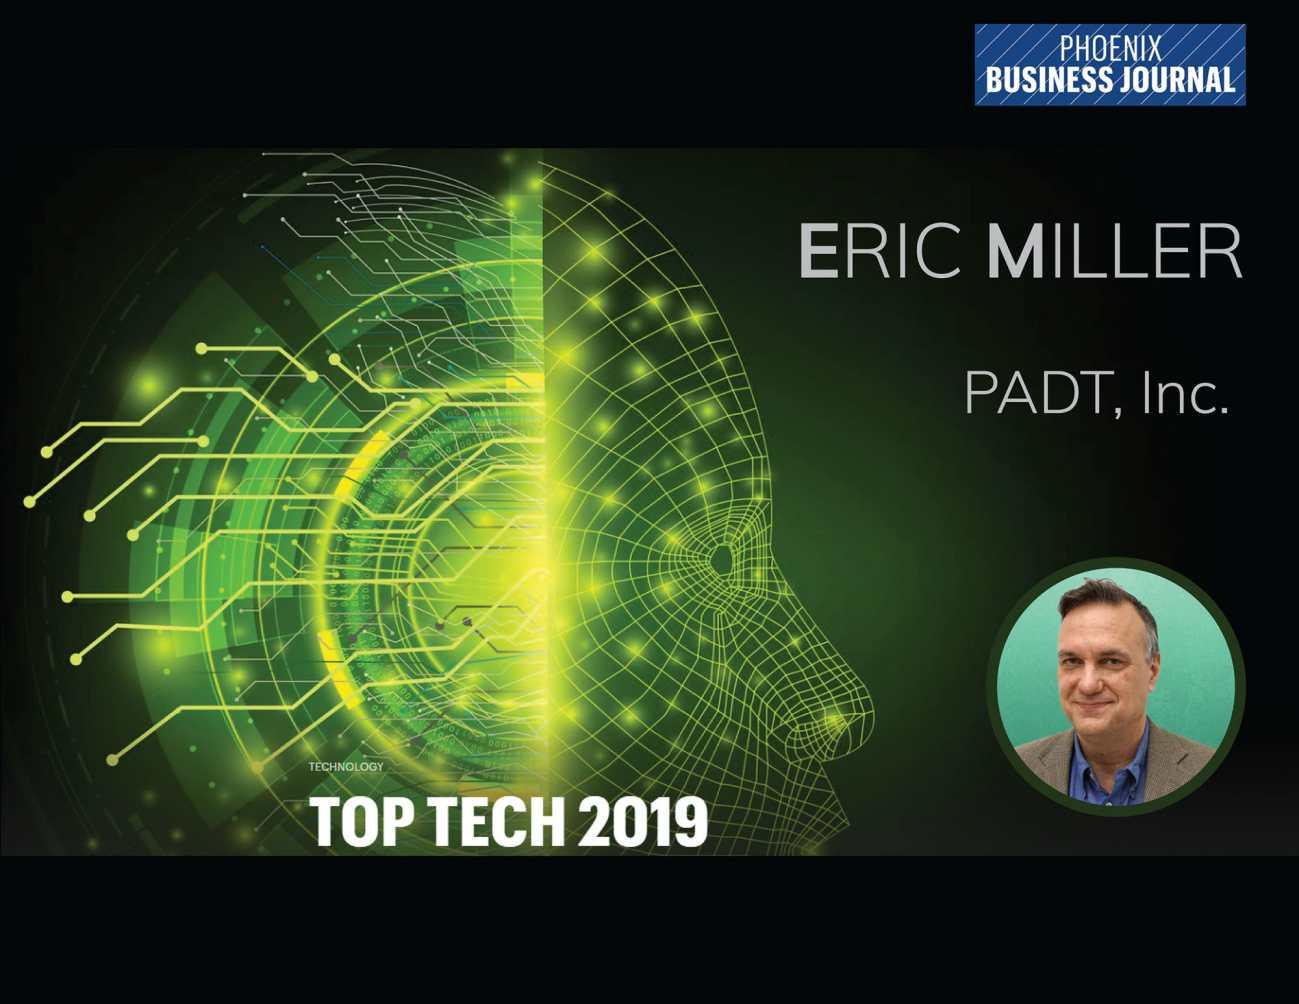 2019 Arizona Top Tech Exec Award, Eric Miller, PADT